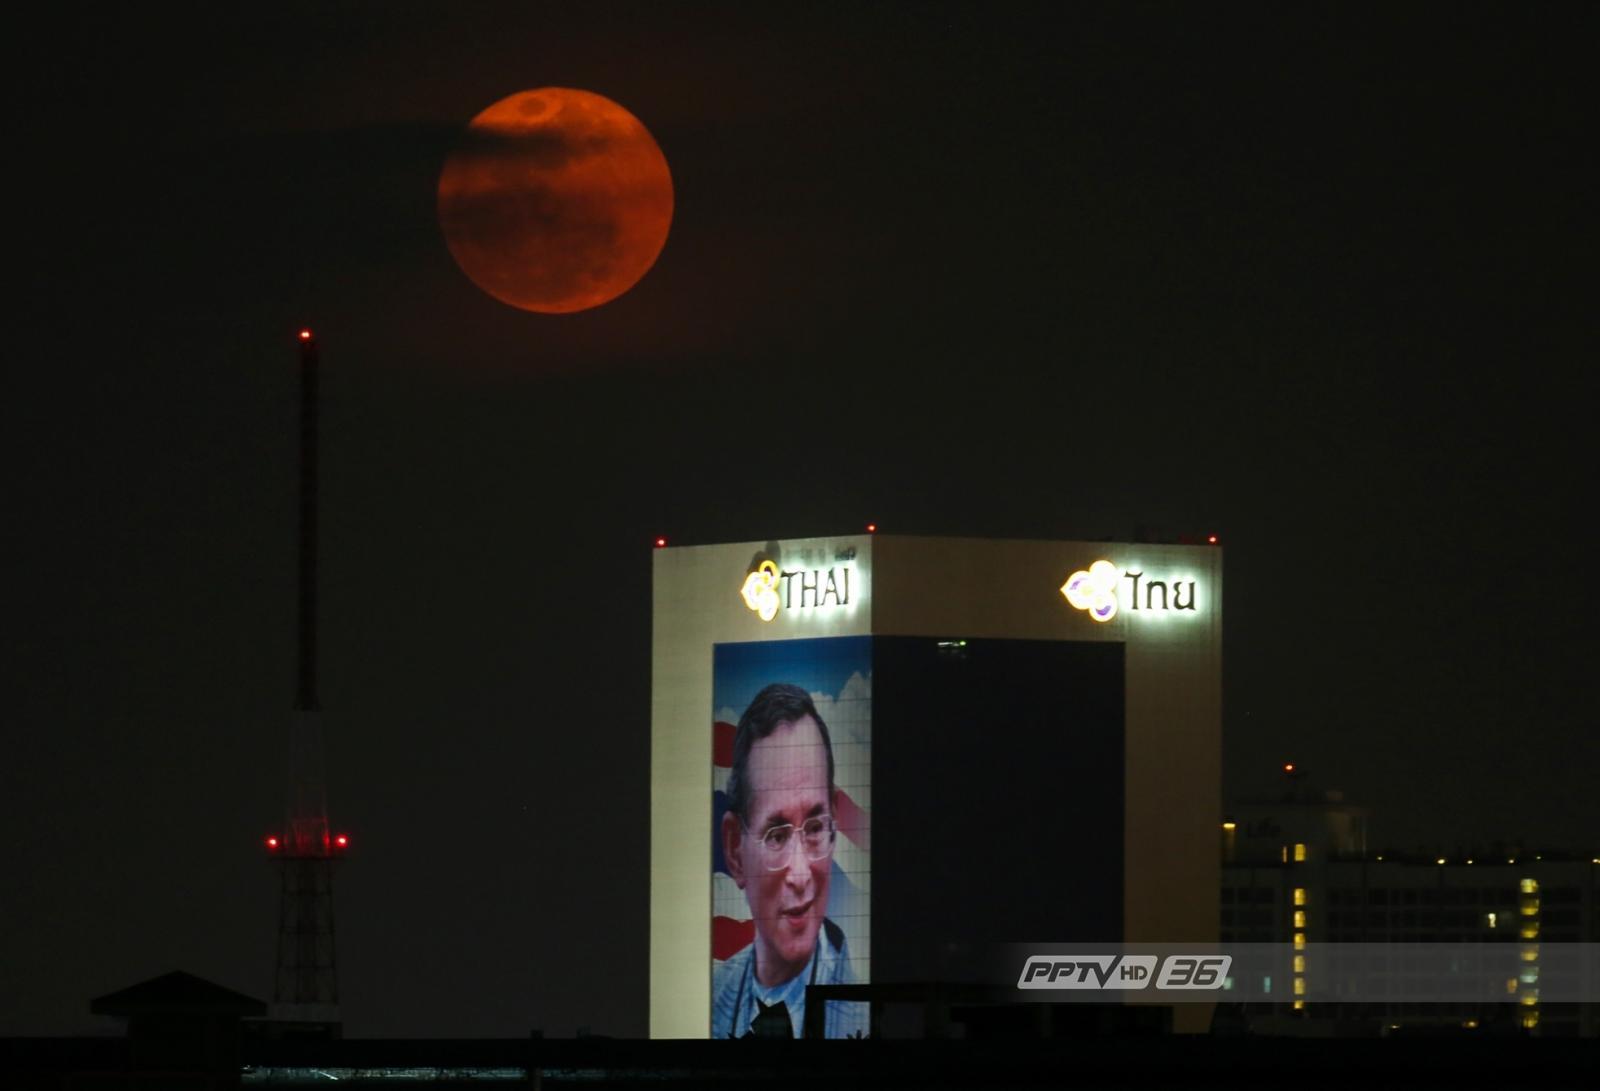 """ชาวไทยร่วมส่องจันทร์ชม """"ซูเปอร์ฟูลมูน"""" ใกล้ที่สุดในปี 2561"""